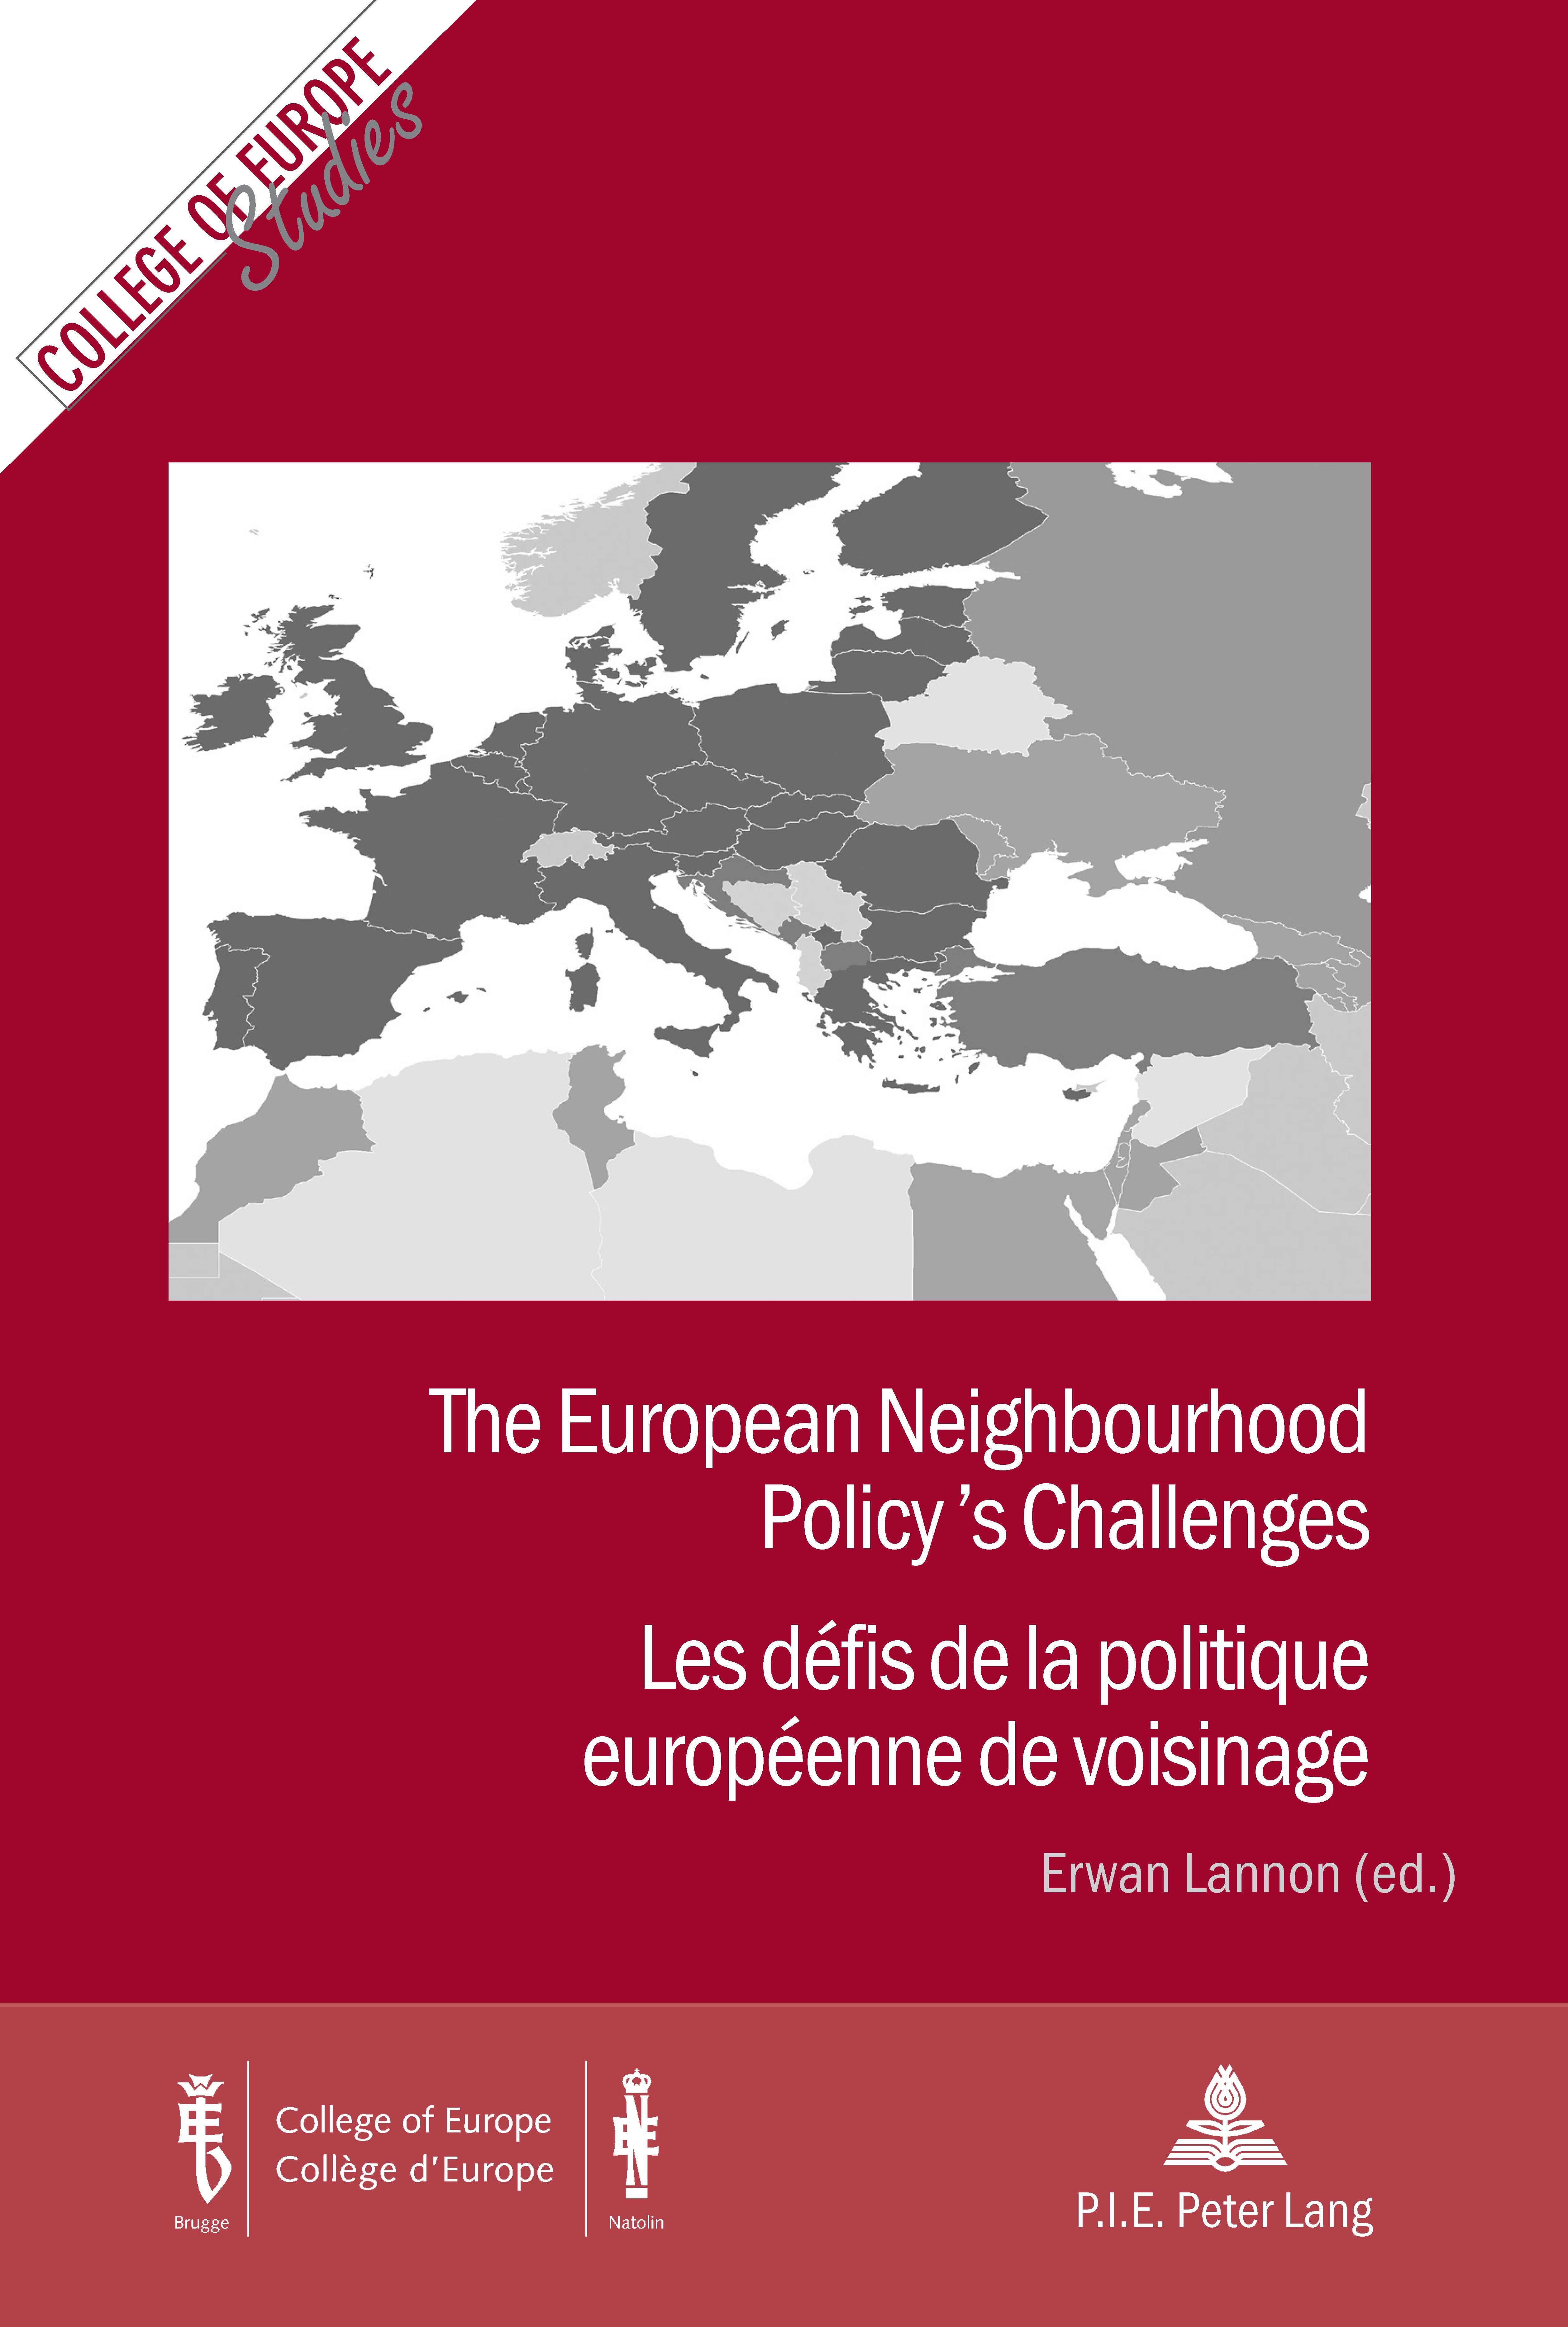 THE EUROPEAN NEIGHBOURHOOD POLICY'S CHALLENGES/LES DEFIS DE LA POLITIQUE EUROPEENNE DE VOISINAGE